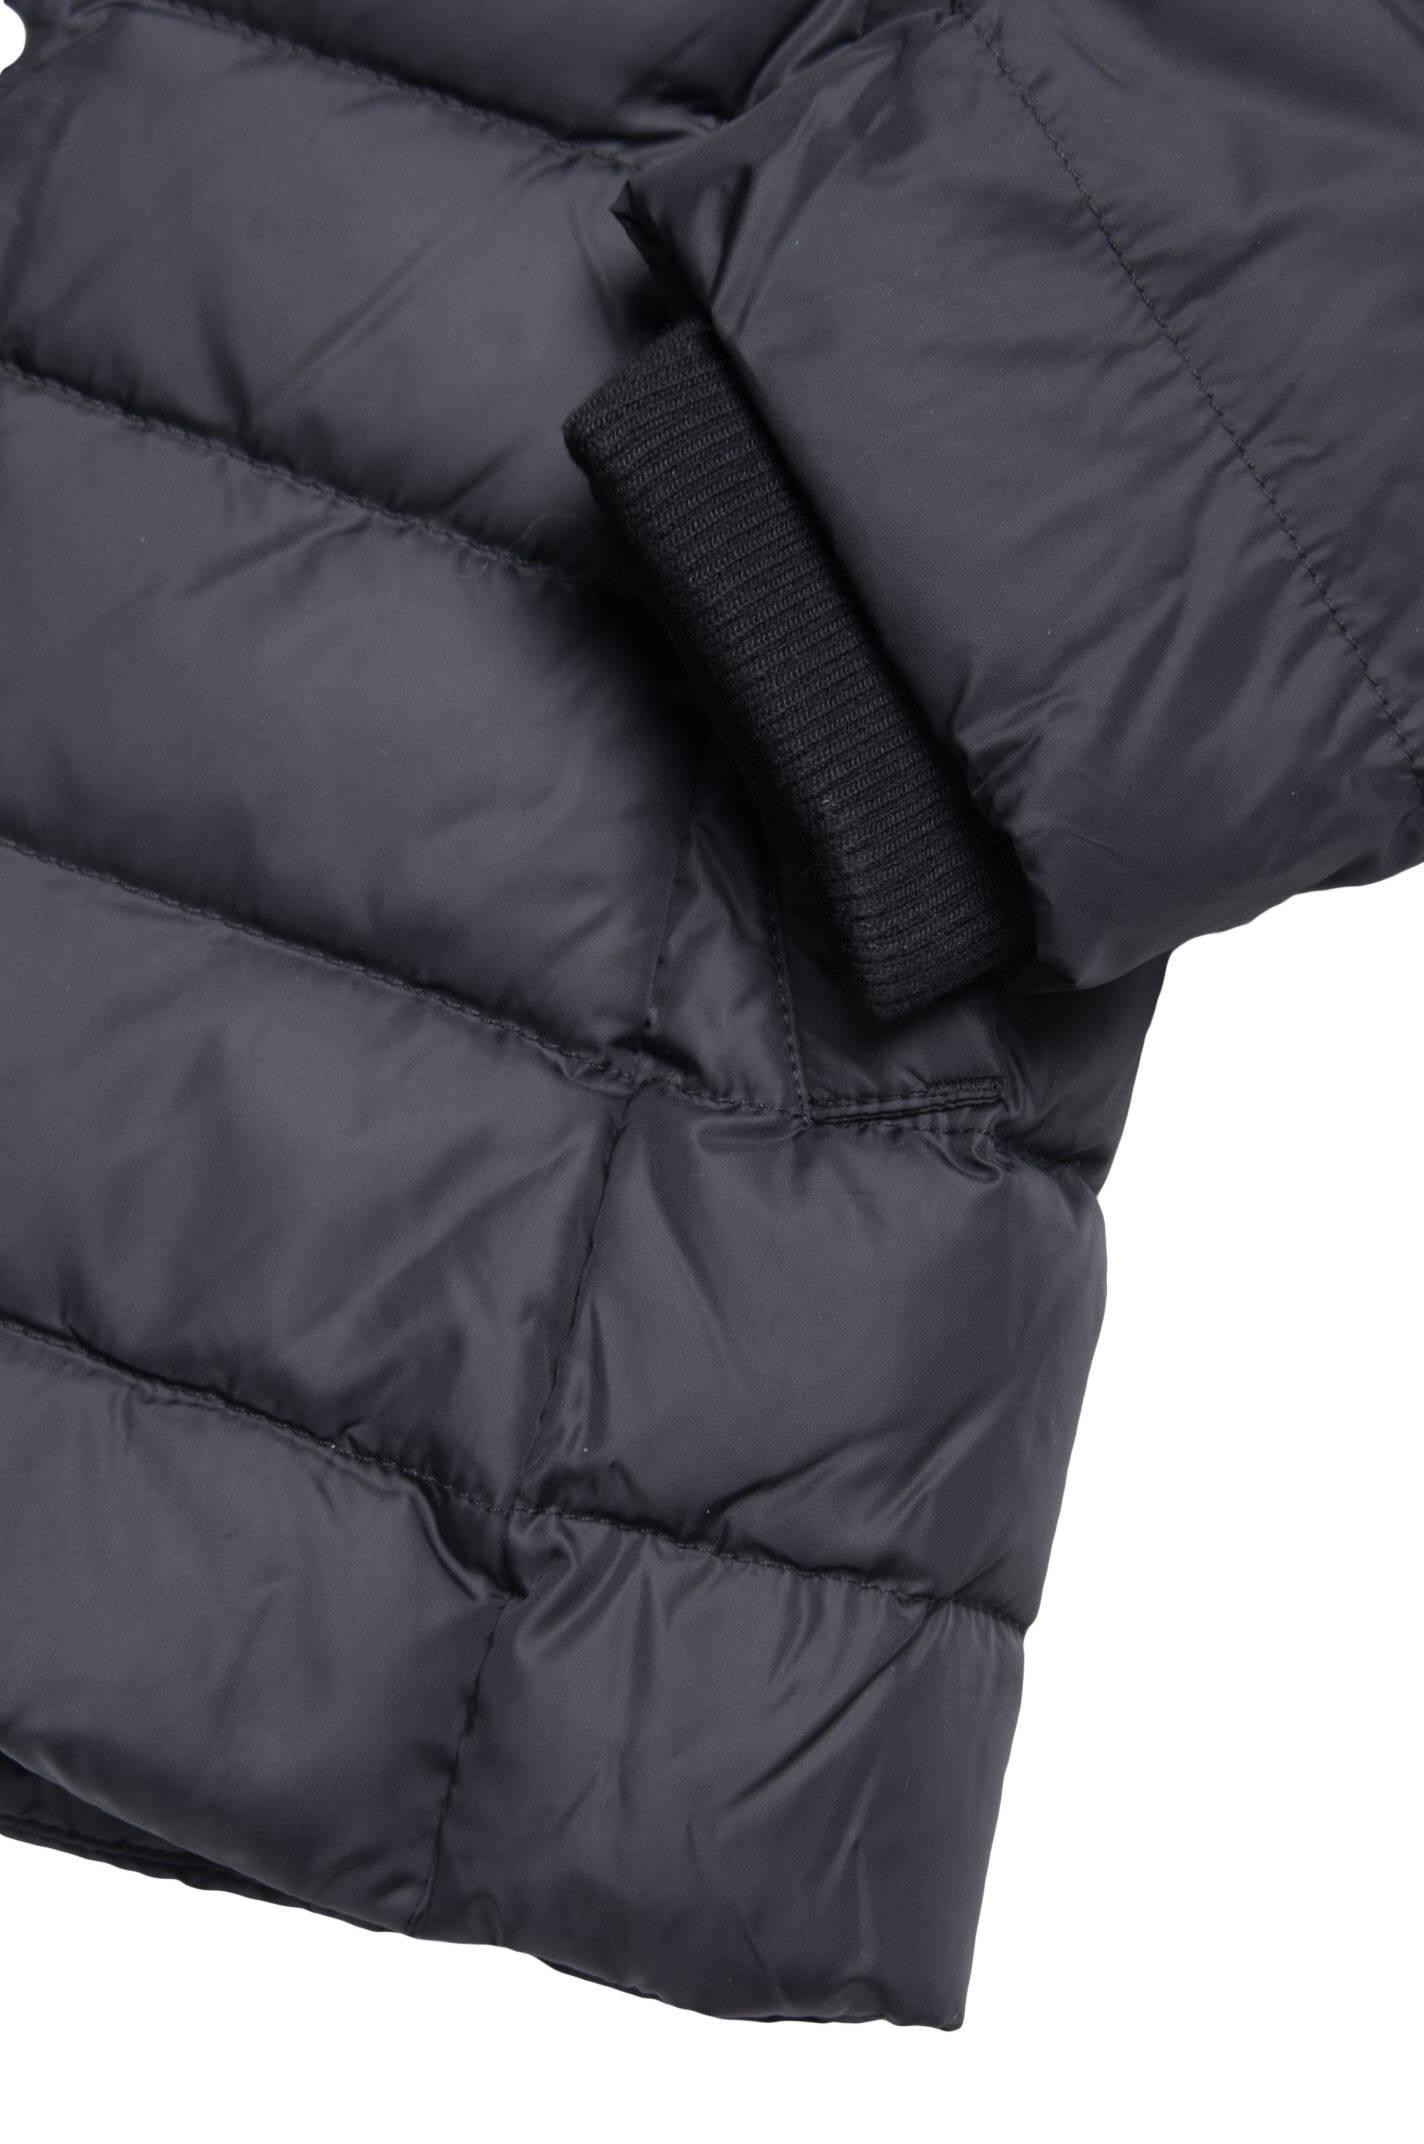 martina jacket hilfiger denim black outerwear. Black Bedroom Furniture Sets. Home Design Ideas